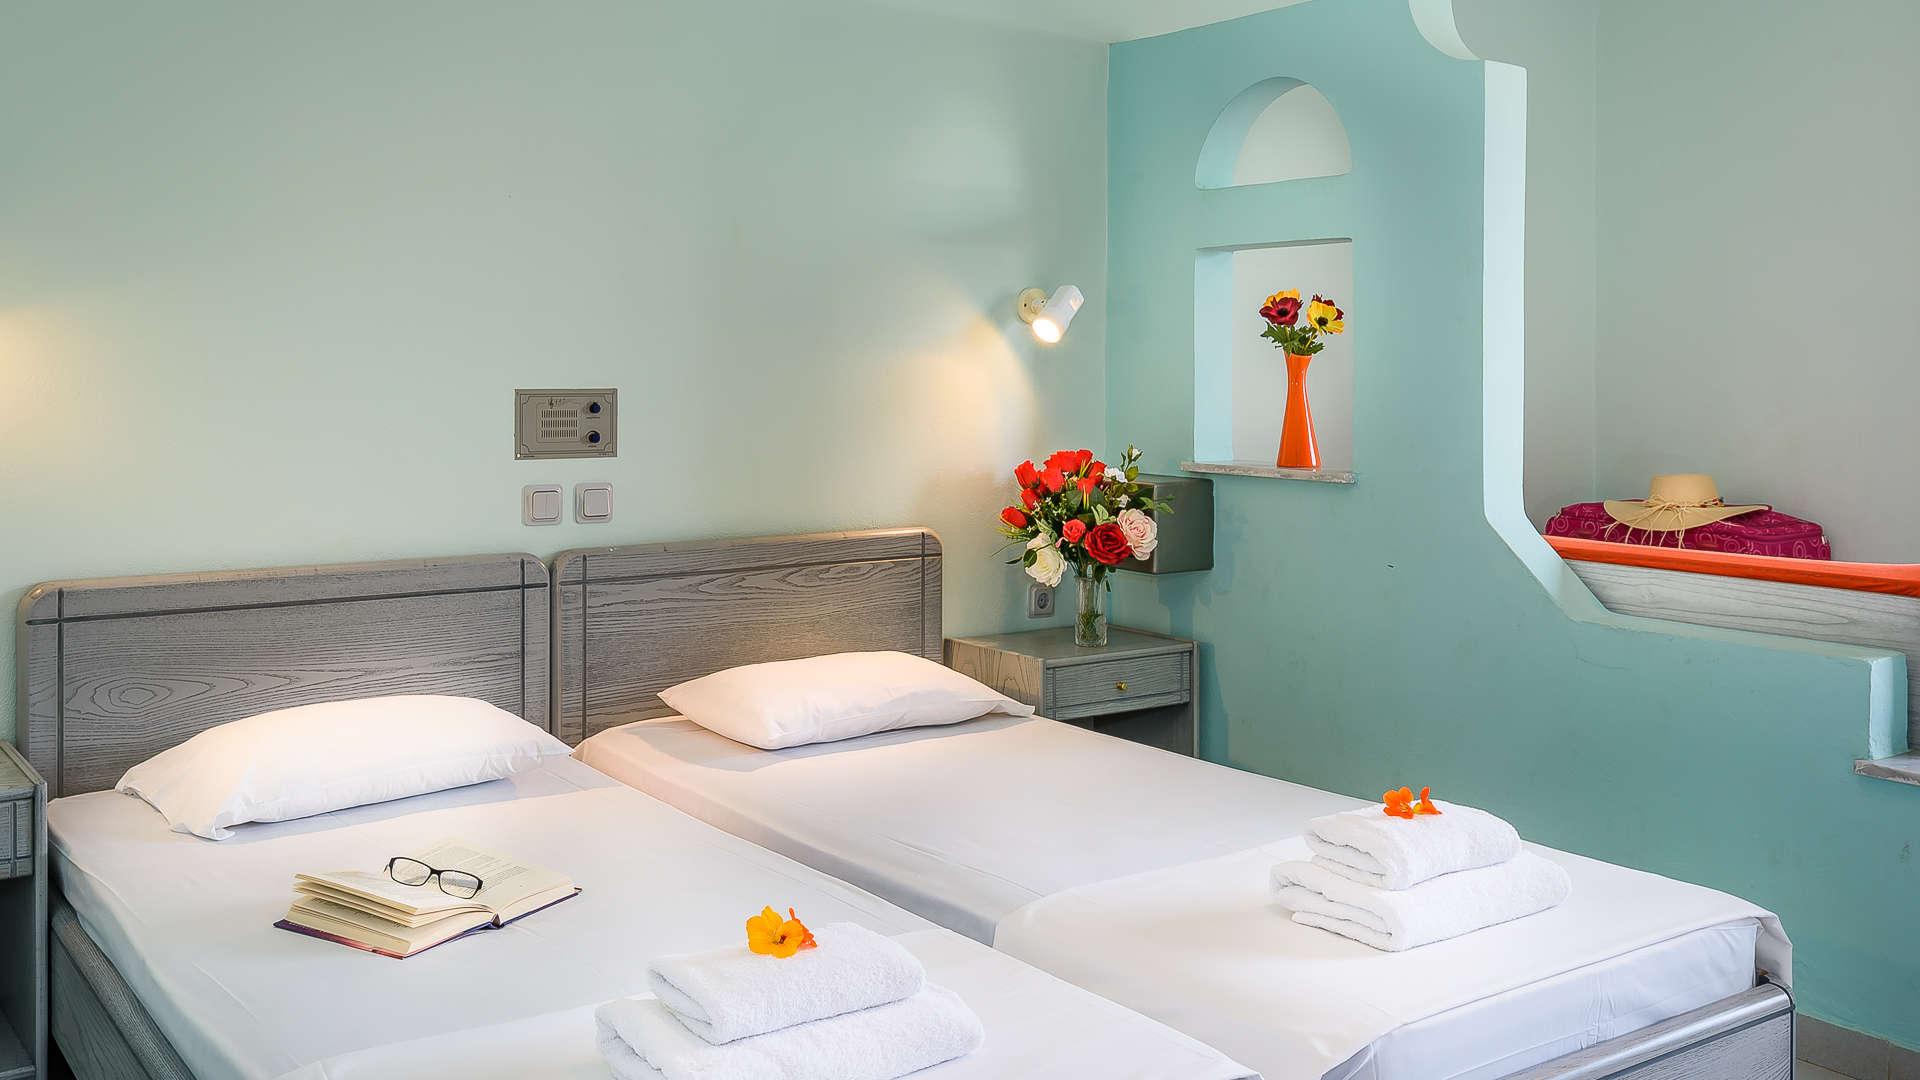 http://louladakis-apts.gr/wp-content/uploads/2017/04/louladakis_doubl_room_sofa_relaxation.jpg